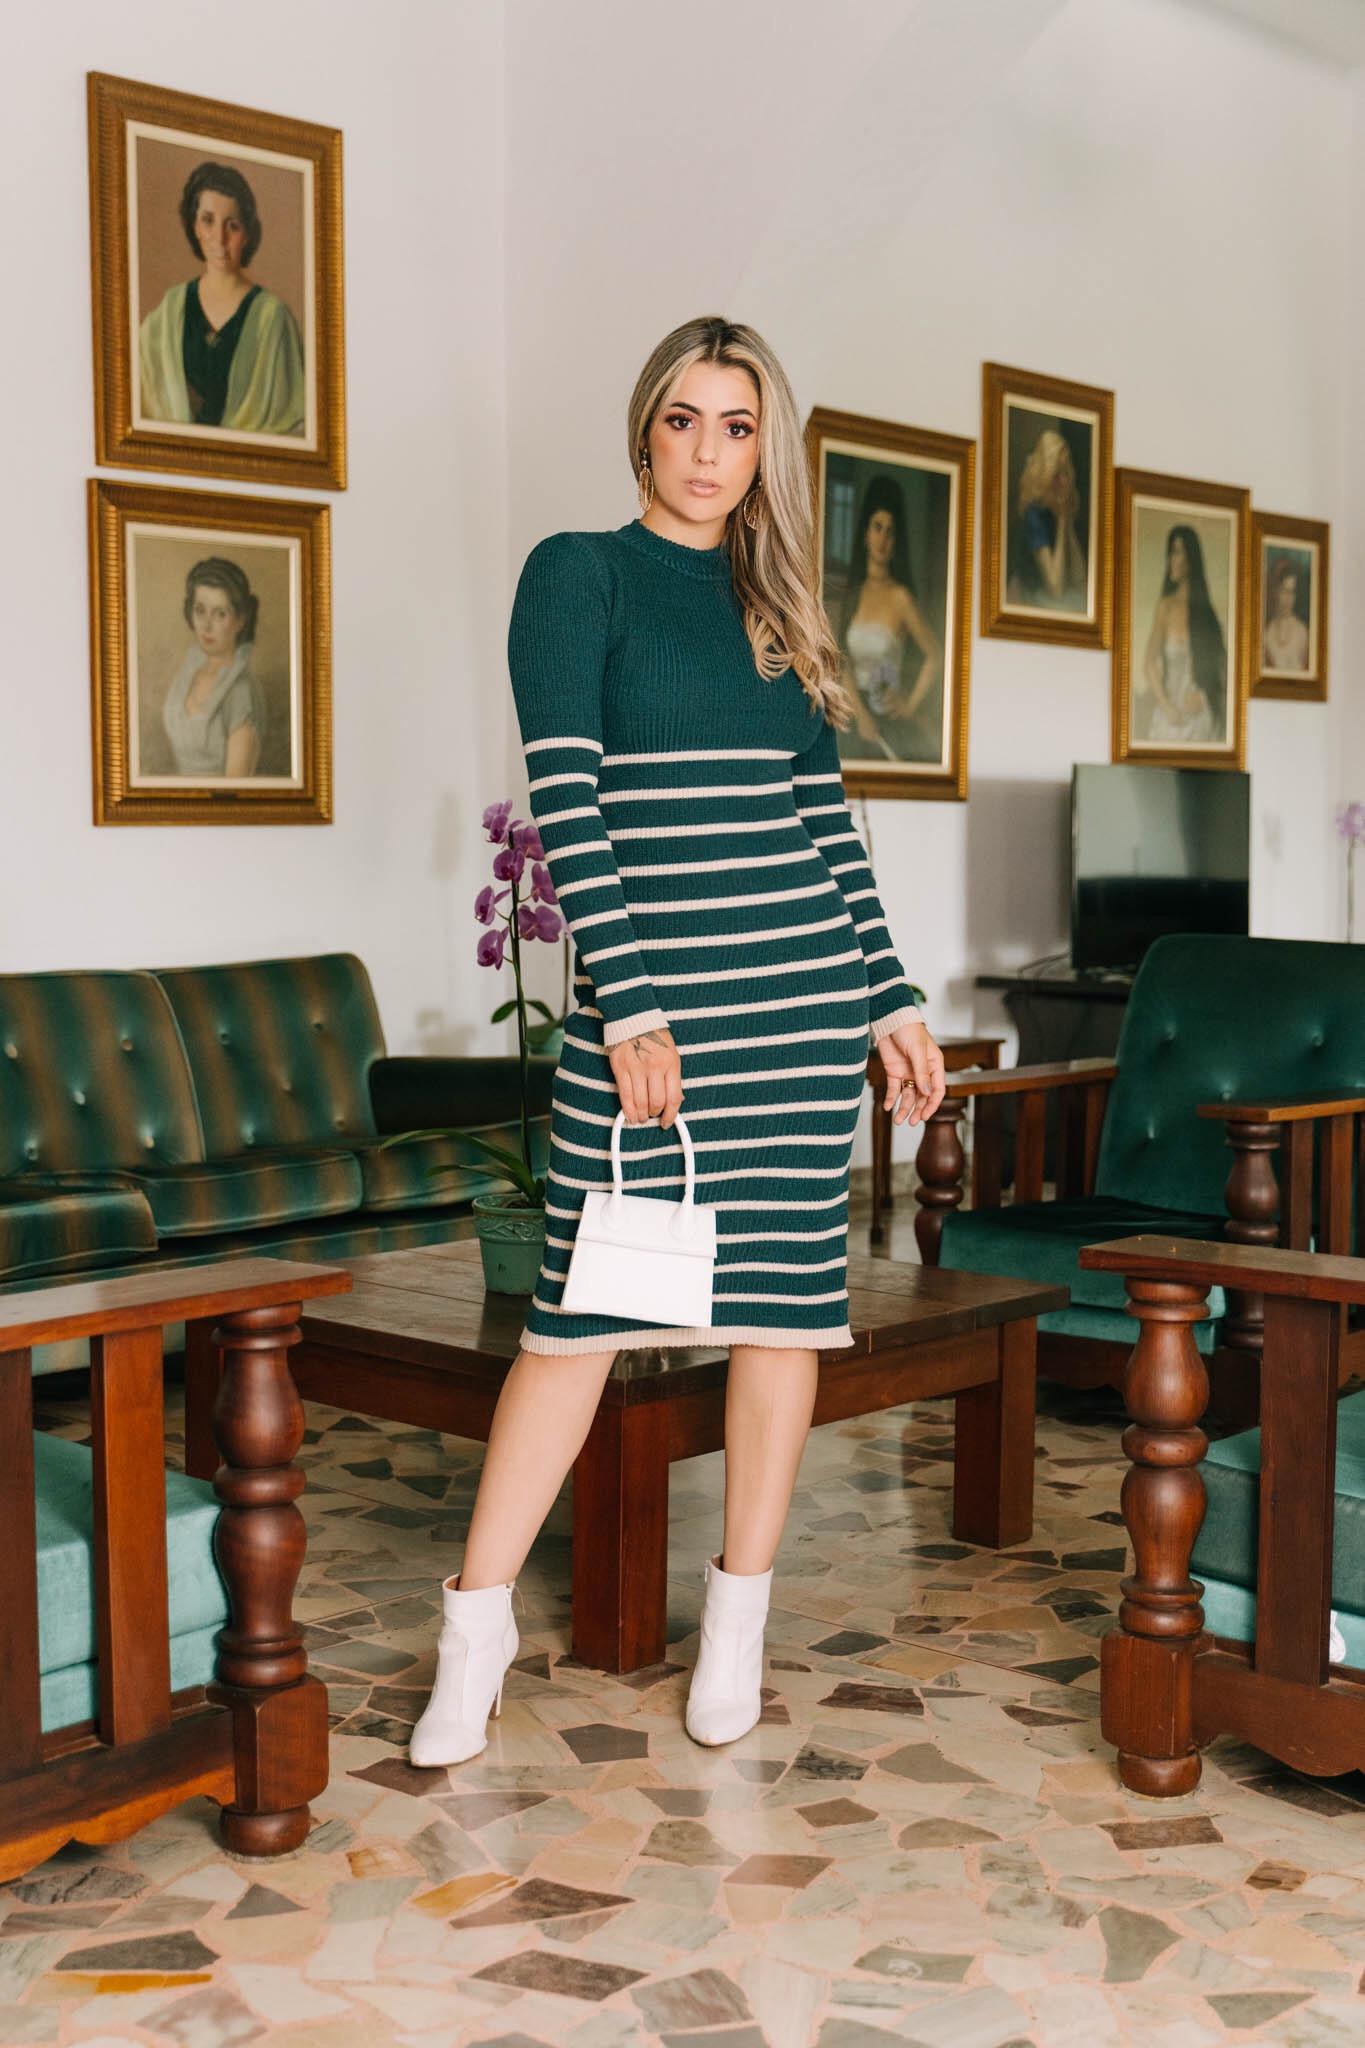 Vestido Gola alta Canelado de Listras